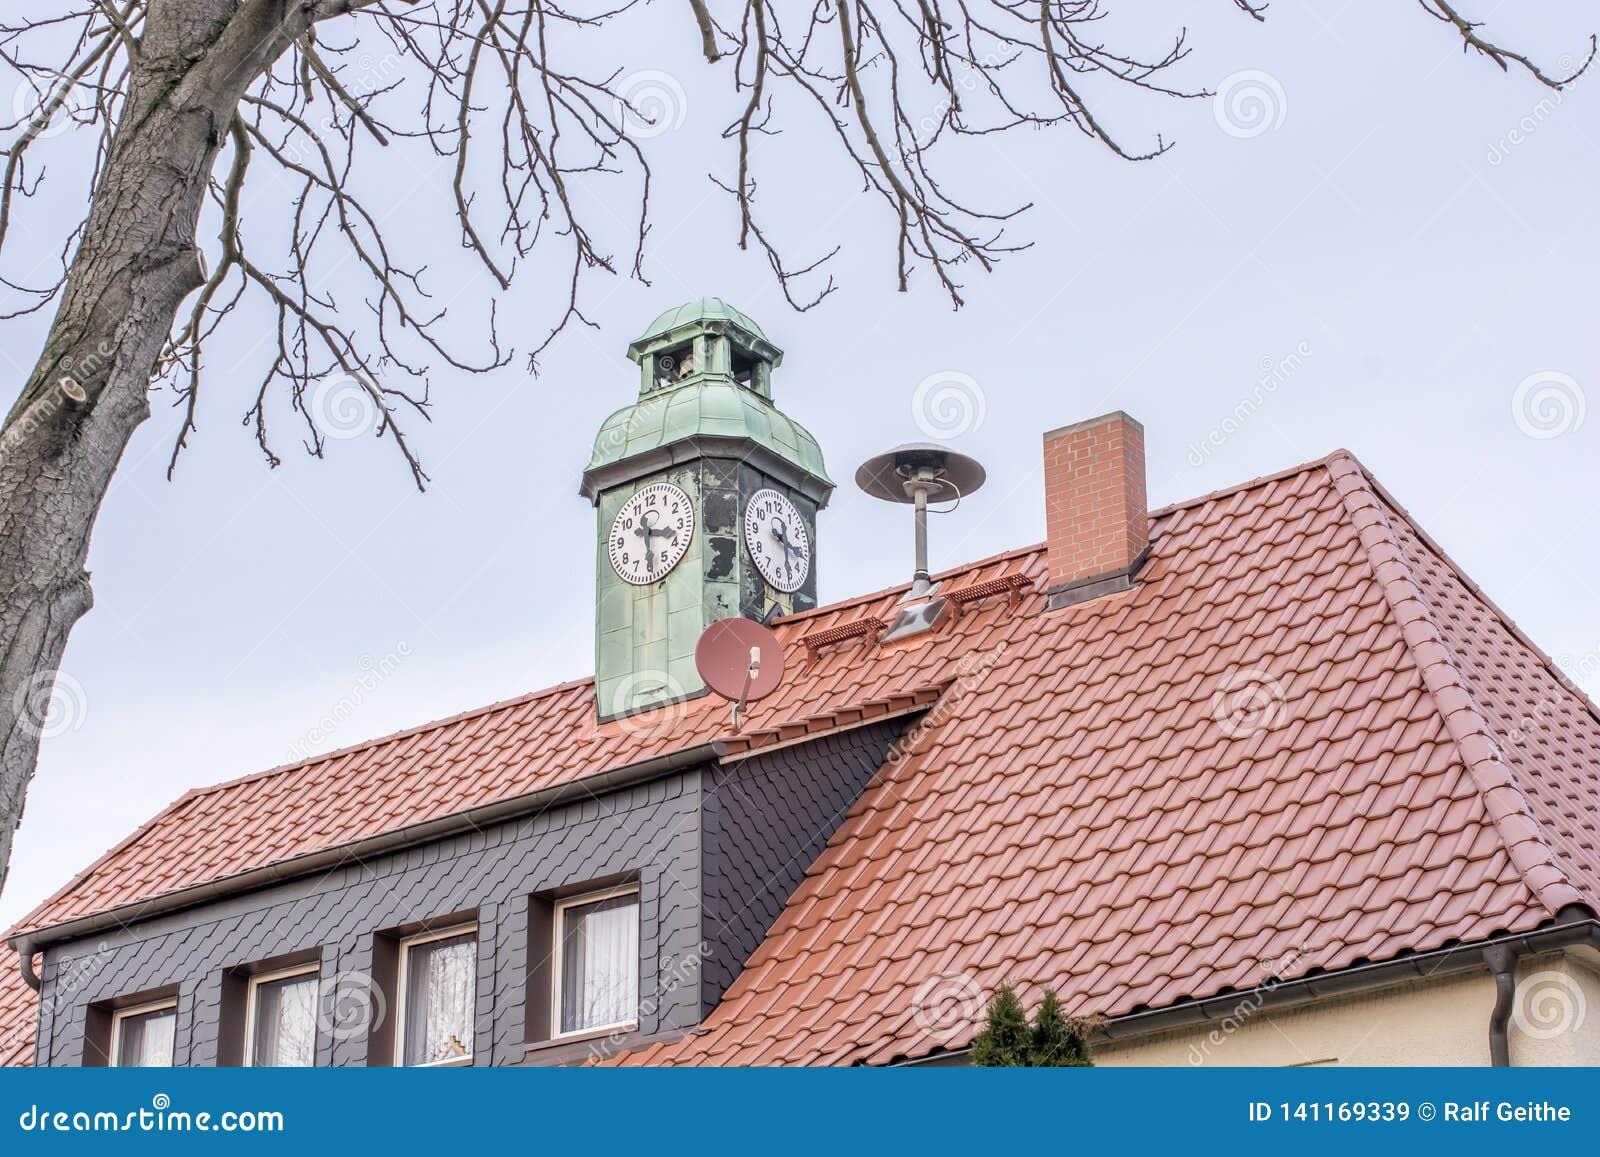 Haus mit Glockenturm und Sirene der lokalen Feuerwehr auf dem Dach